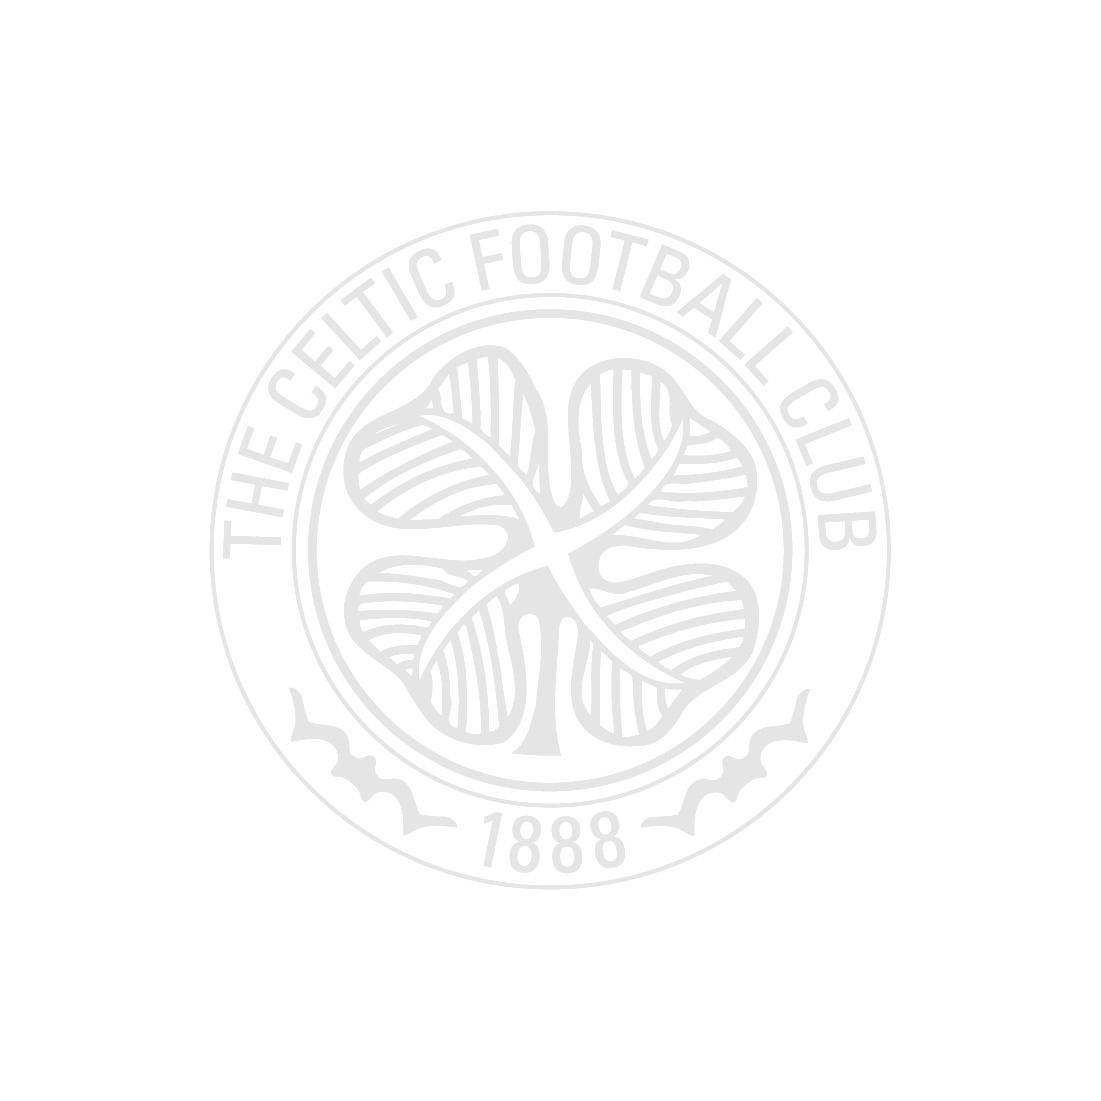 Celtic Kit Stationery Set